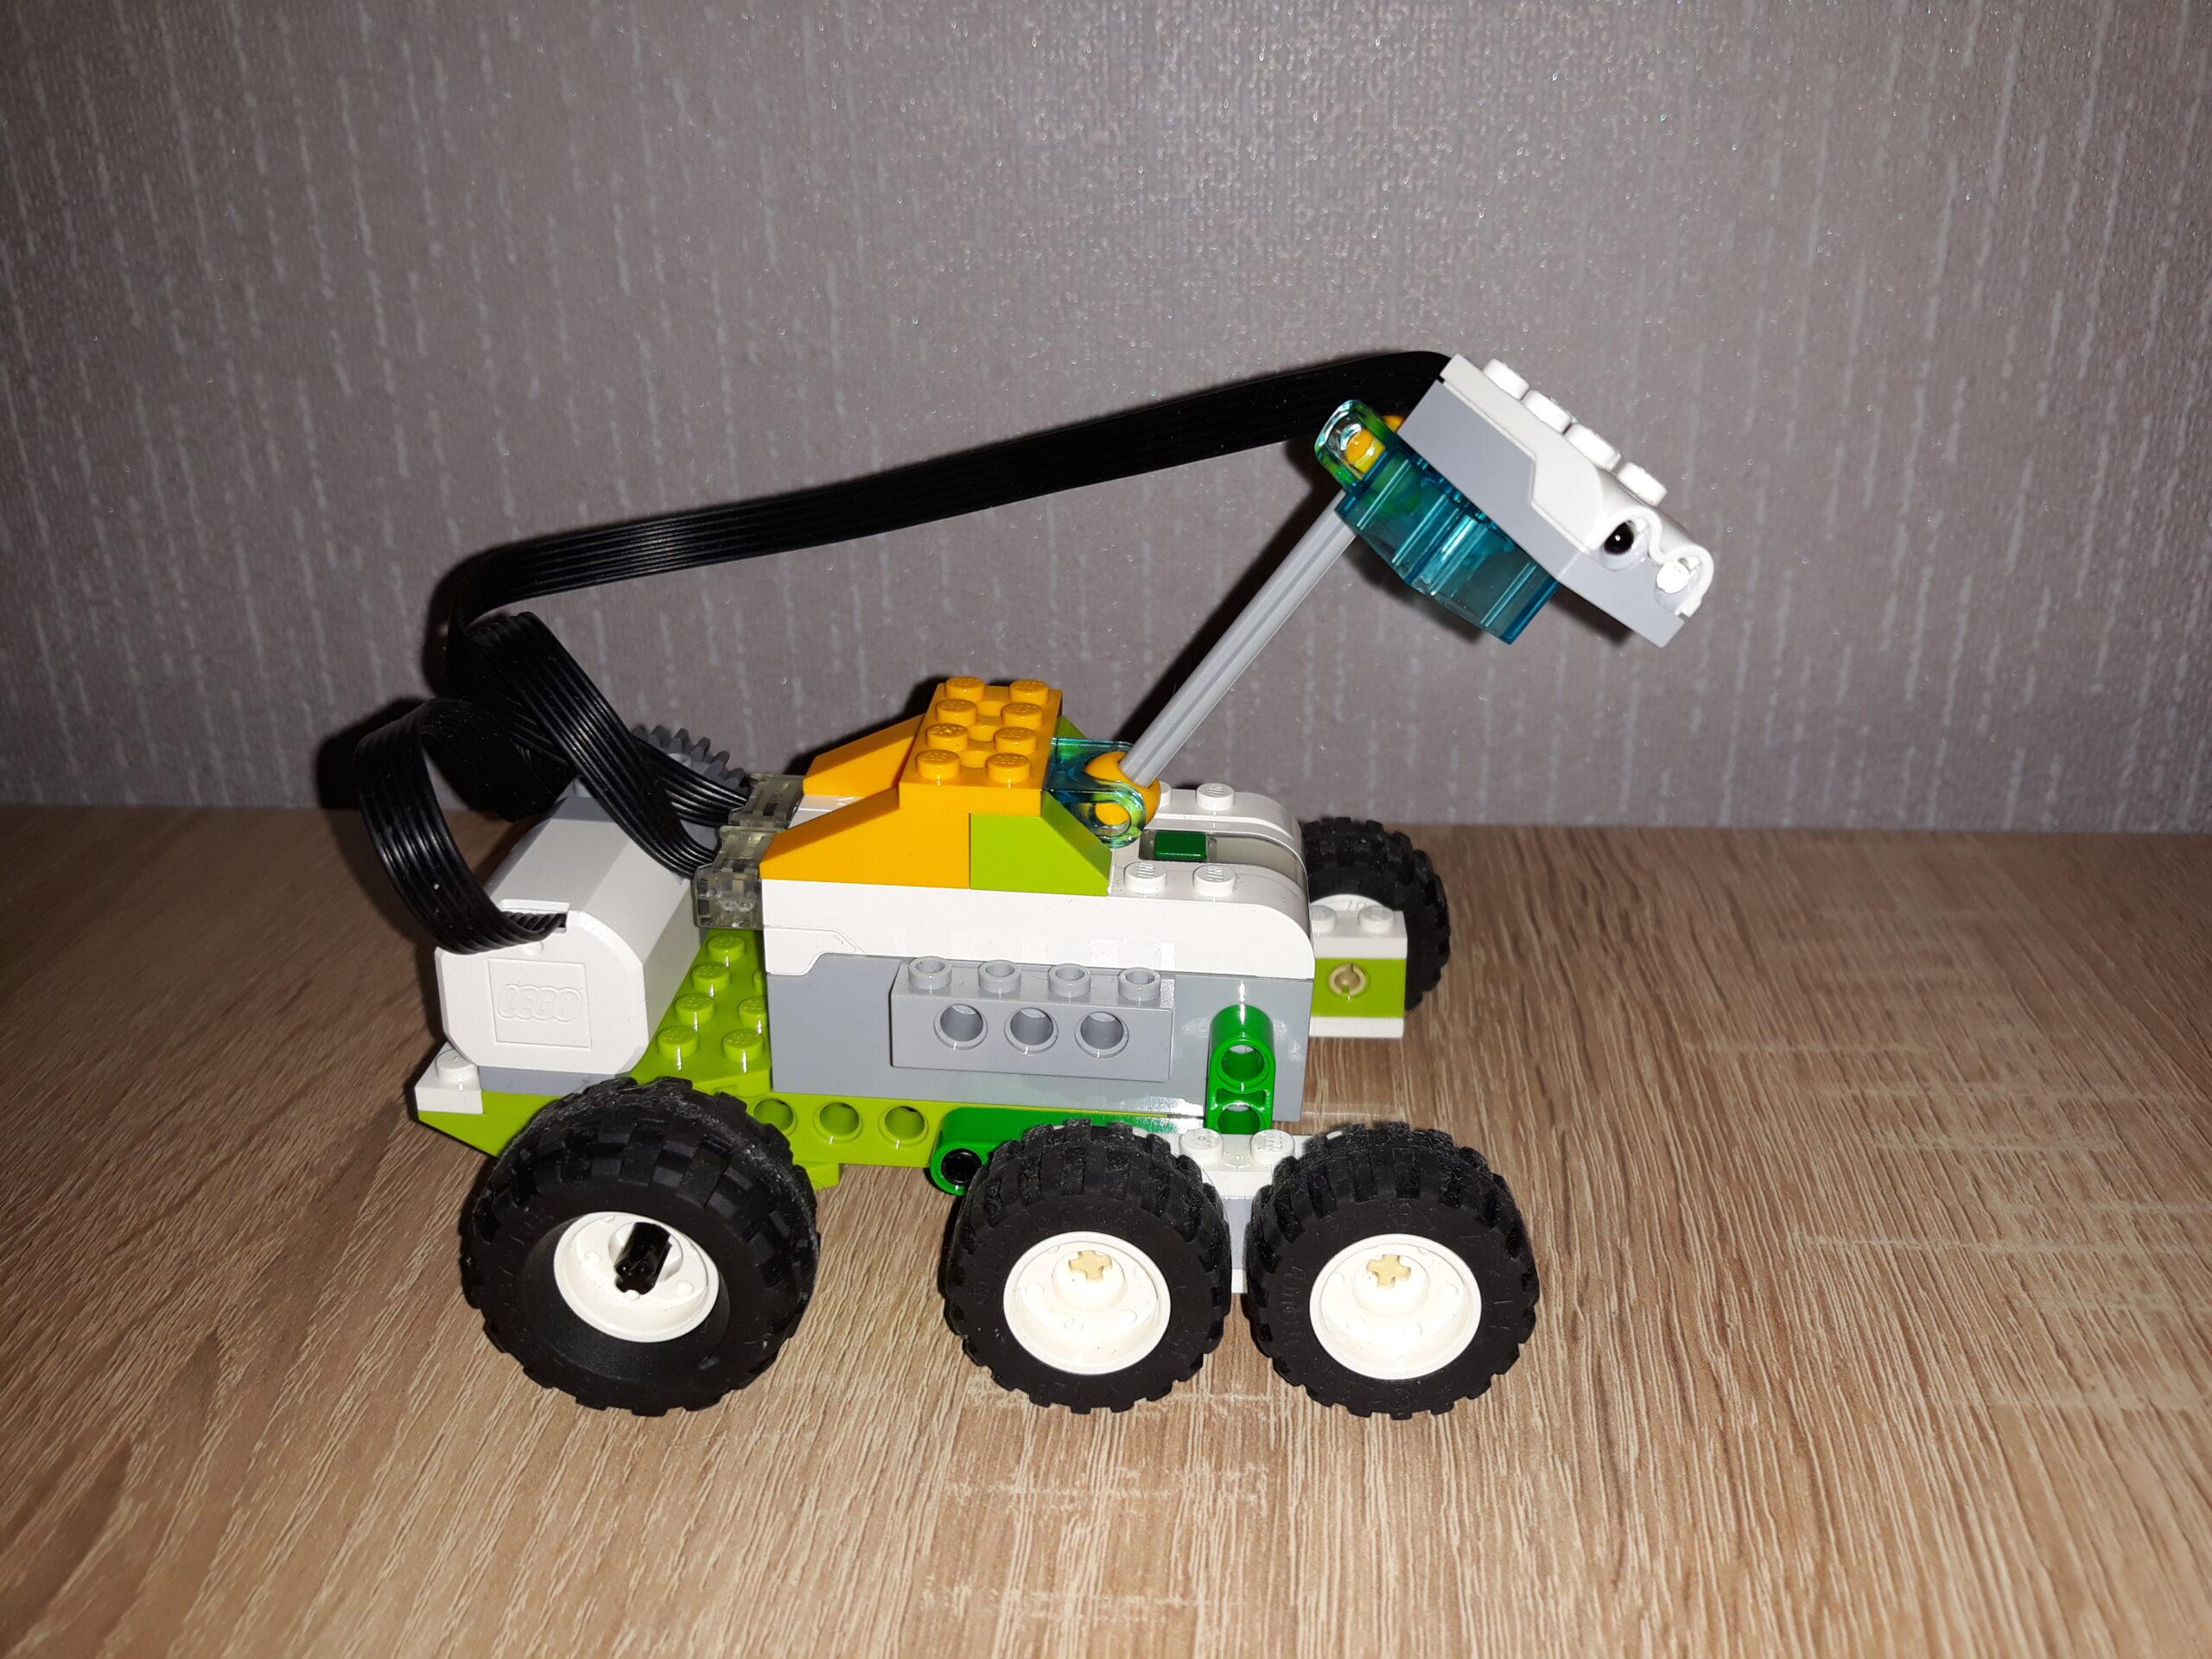 Конечный результат инструкция по сборке из набора LEGO Education WeDo 2.0 Марсоход